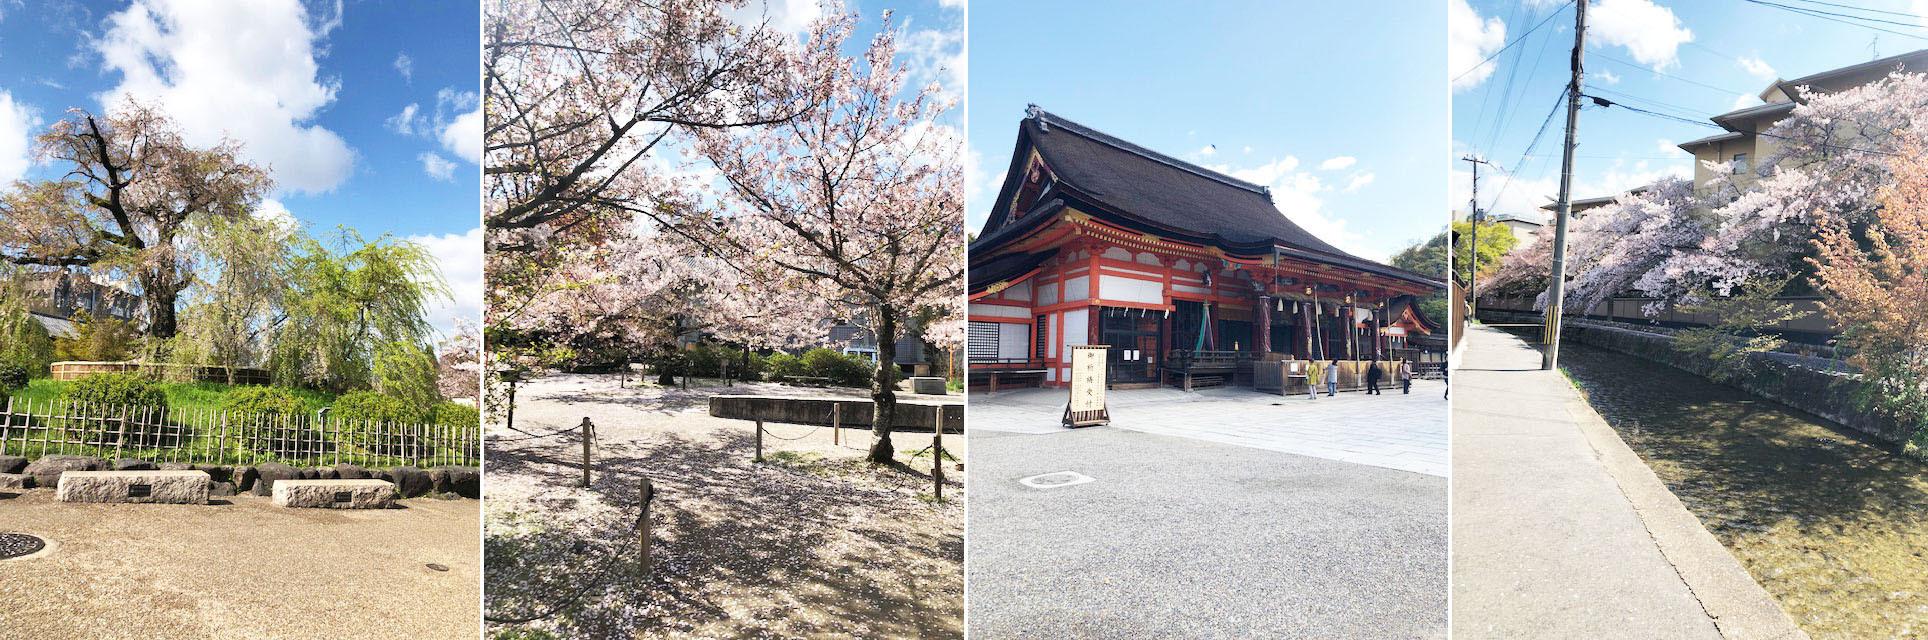 花冷えつづき、お花見が長く楽しめた今年の桜。〔左京区・東山区…桜コレクション〕_b0215856_17065810.jpg